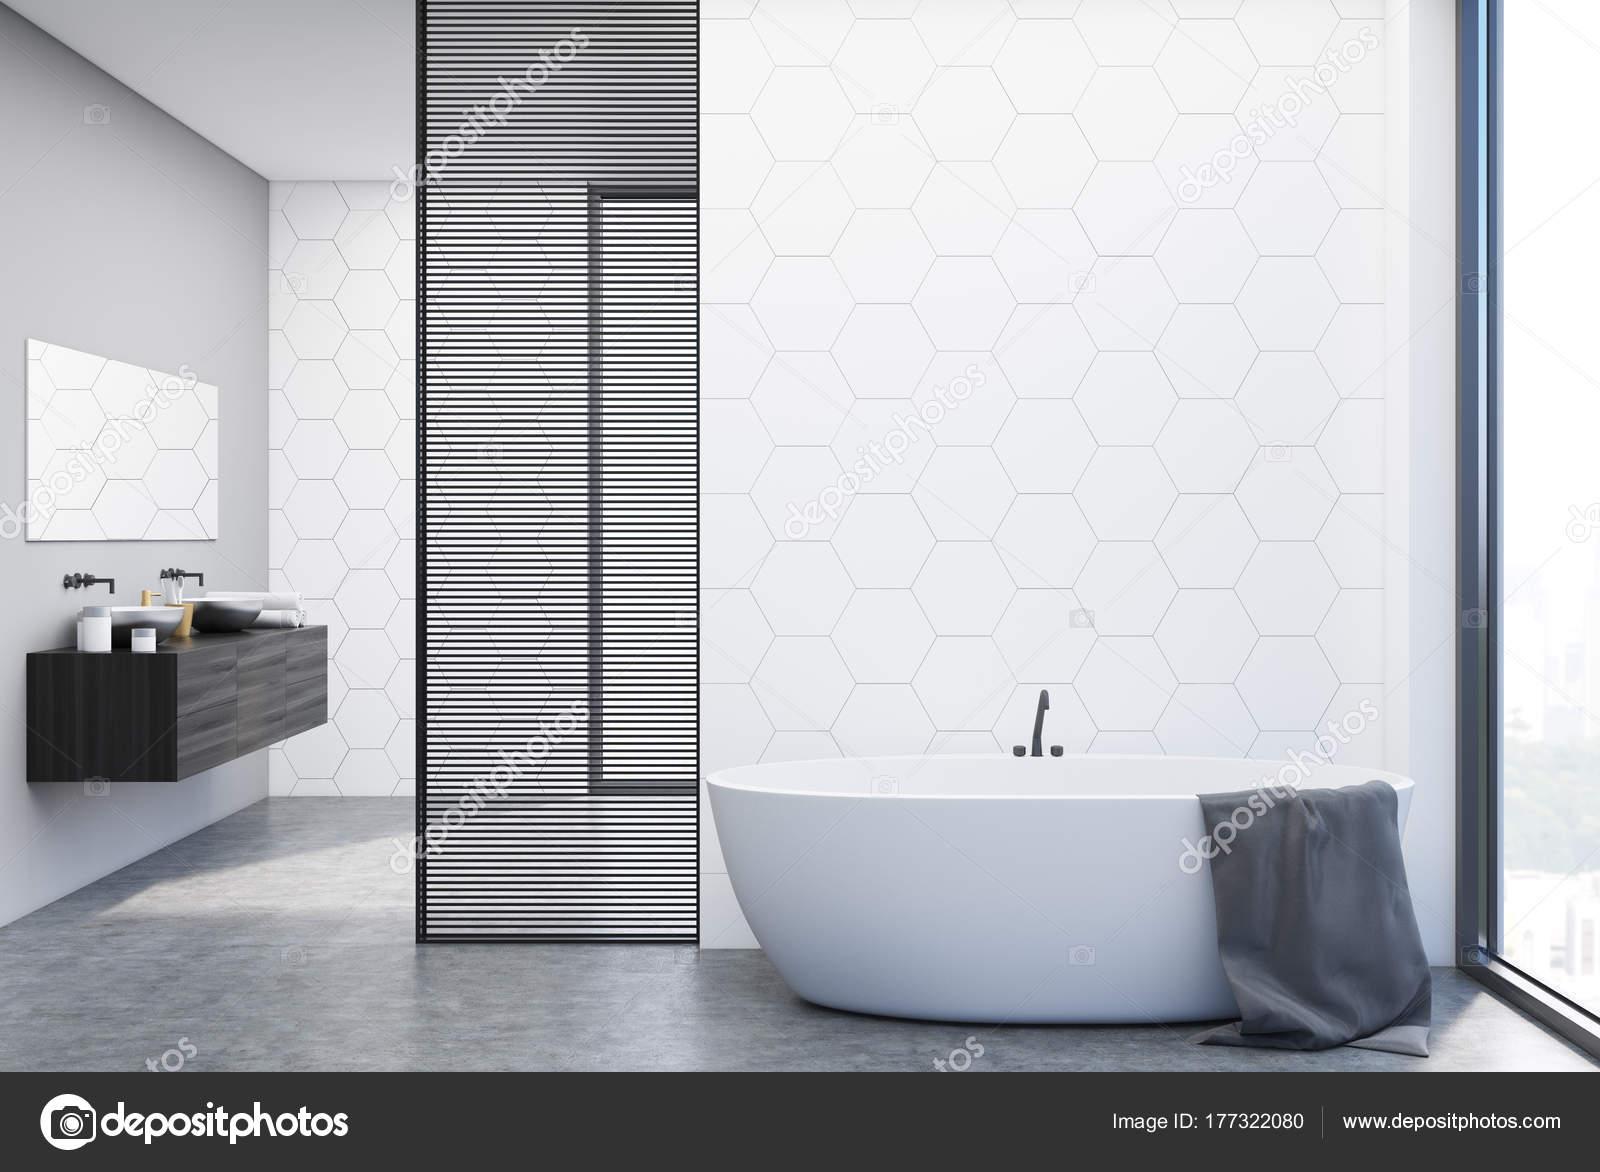 Bagno rivestito di piastrelle bianche vasca e lavandino u foto